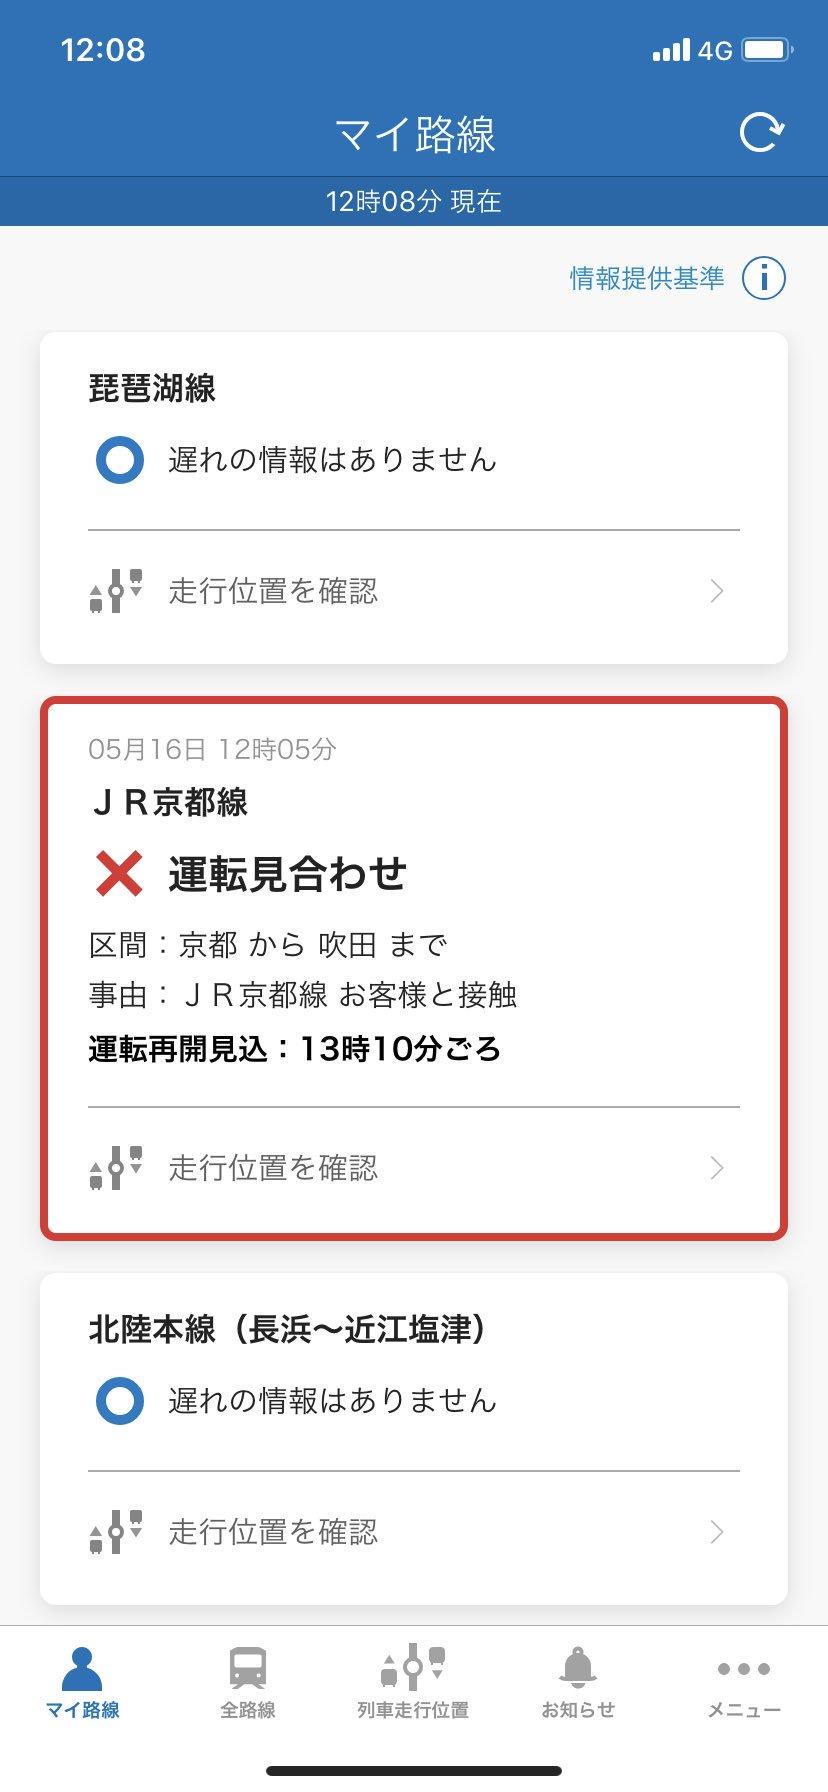 画像,京都線人身事故… https://t.co/V7OFrbuGlE。